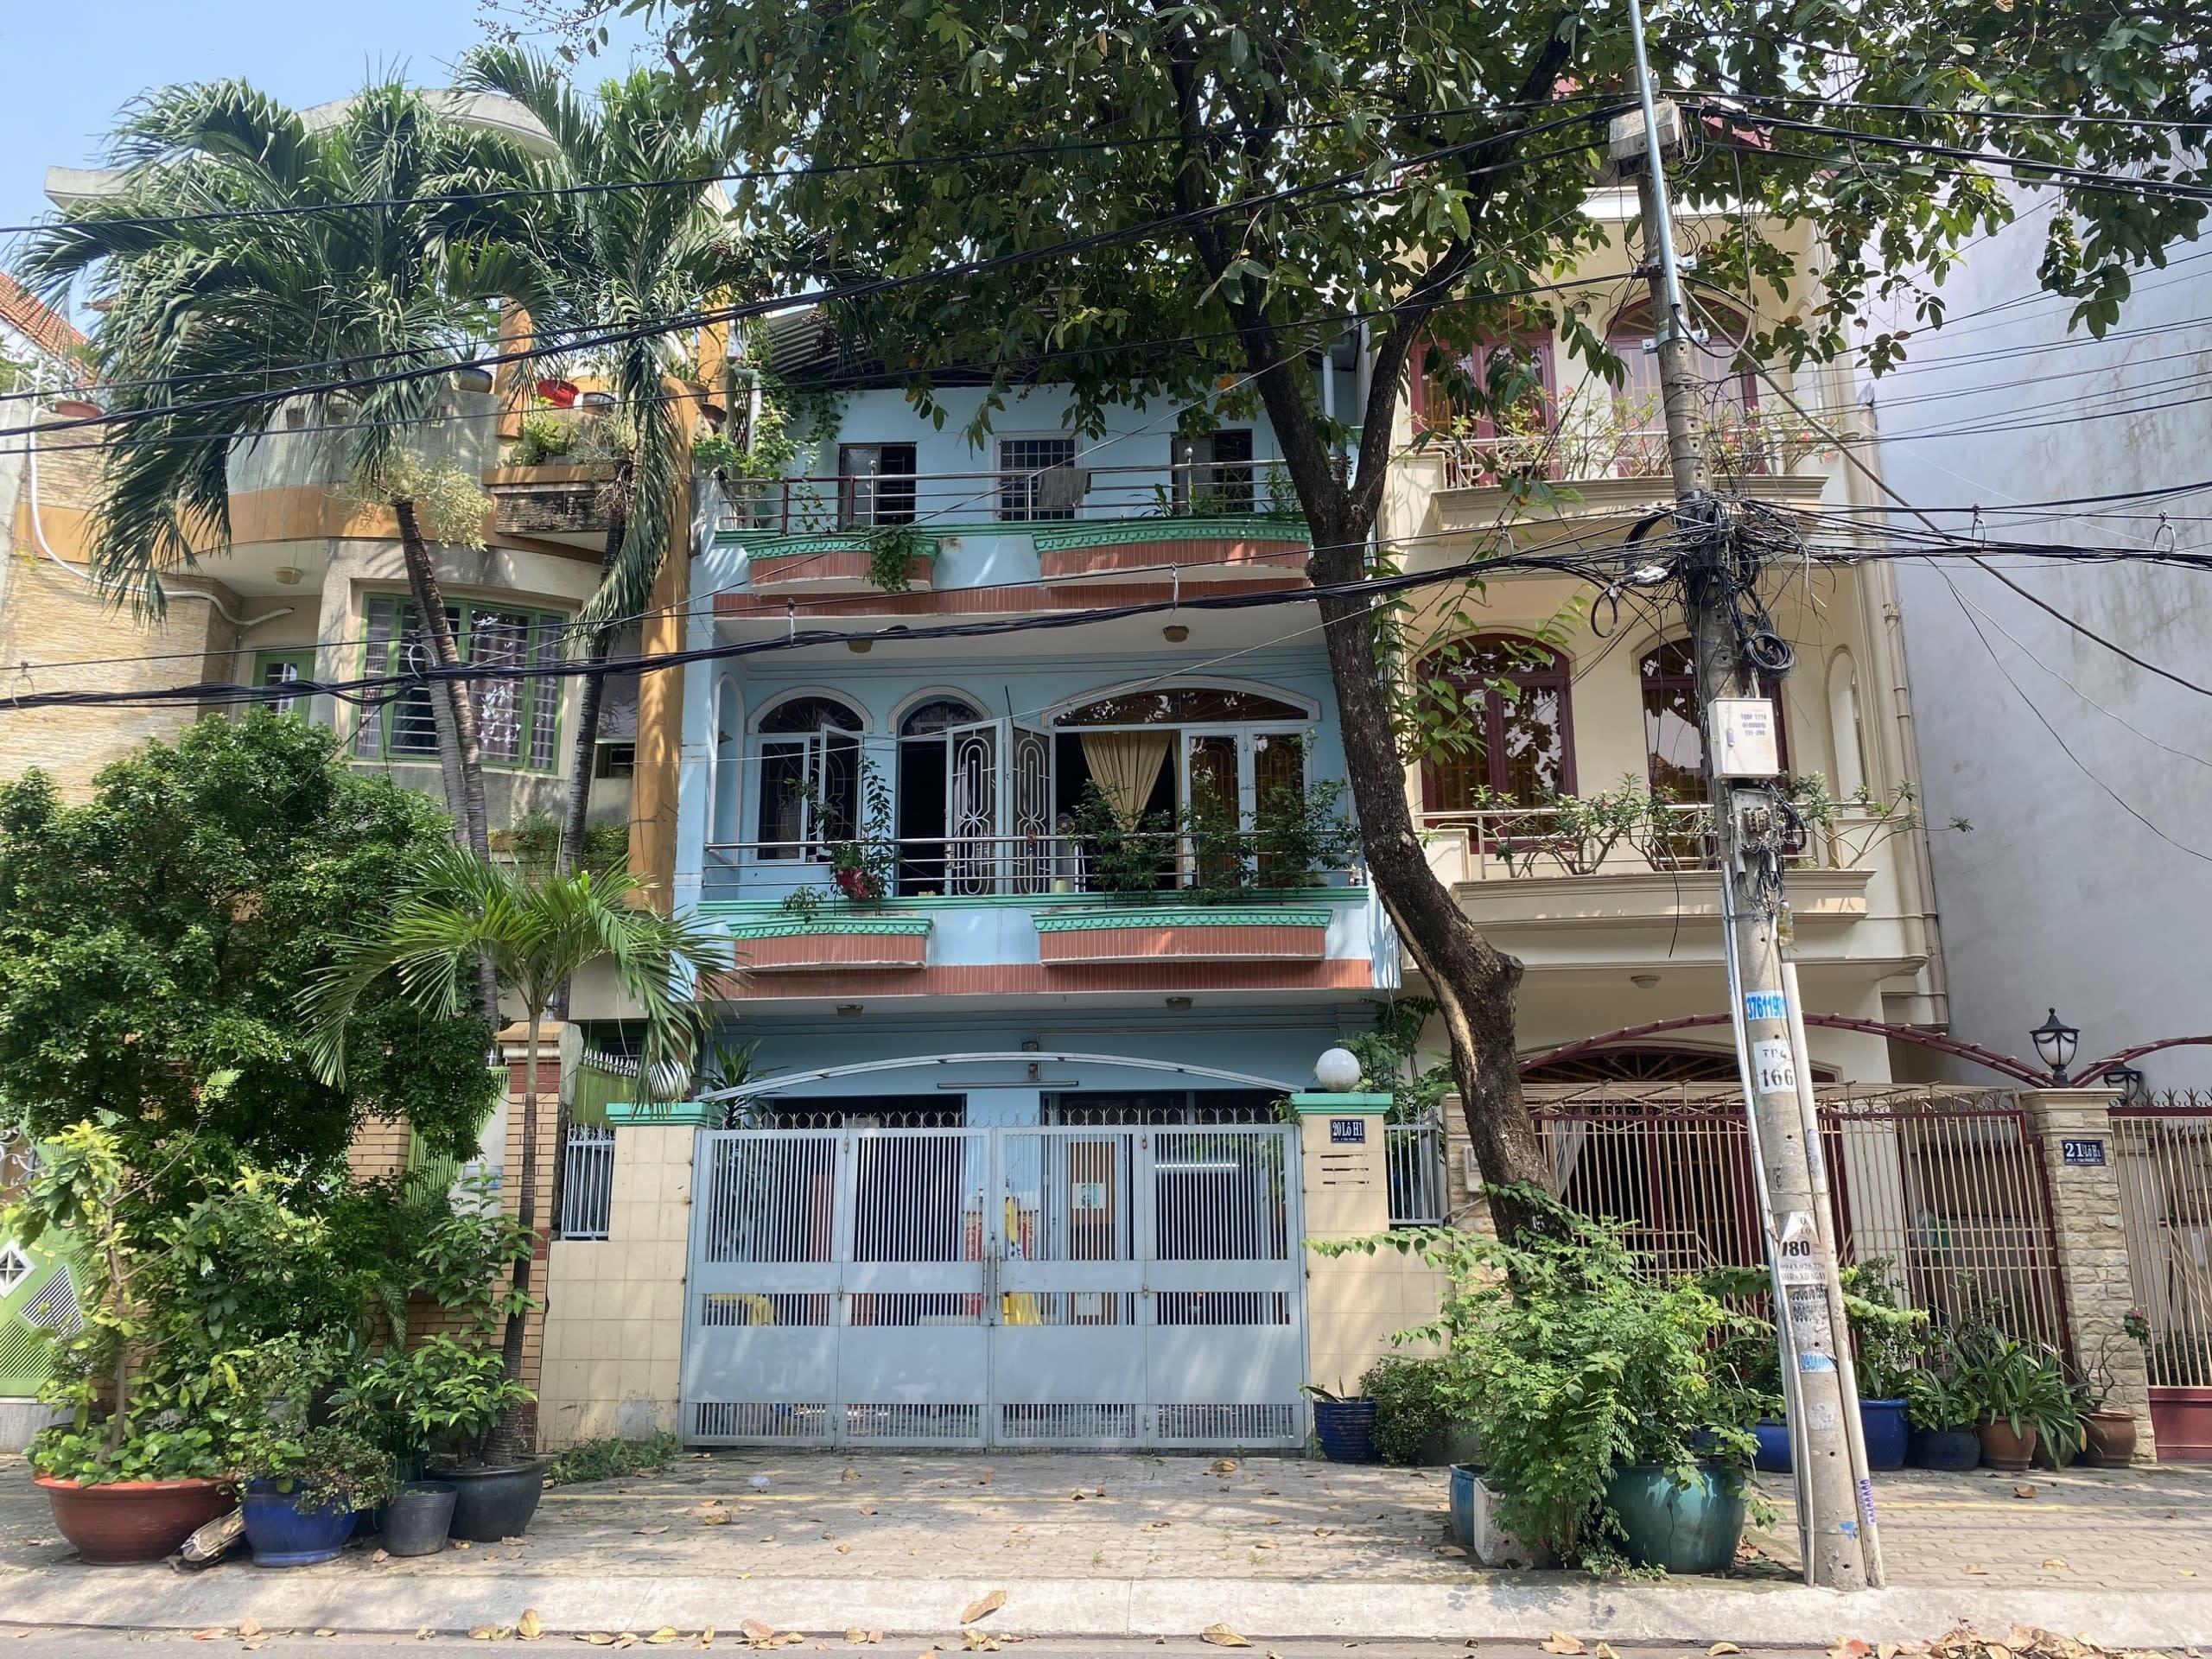 Bán Nhà Mặt Tiền Đường 40 Tân Quy Đông, DT 6x18m 1 Trệt 2 Lầu – Giá 15 Tỷ